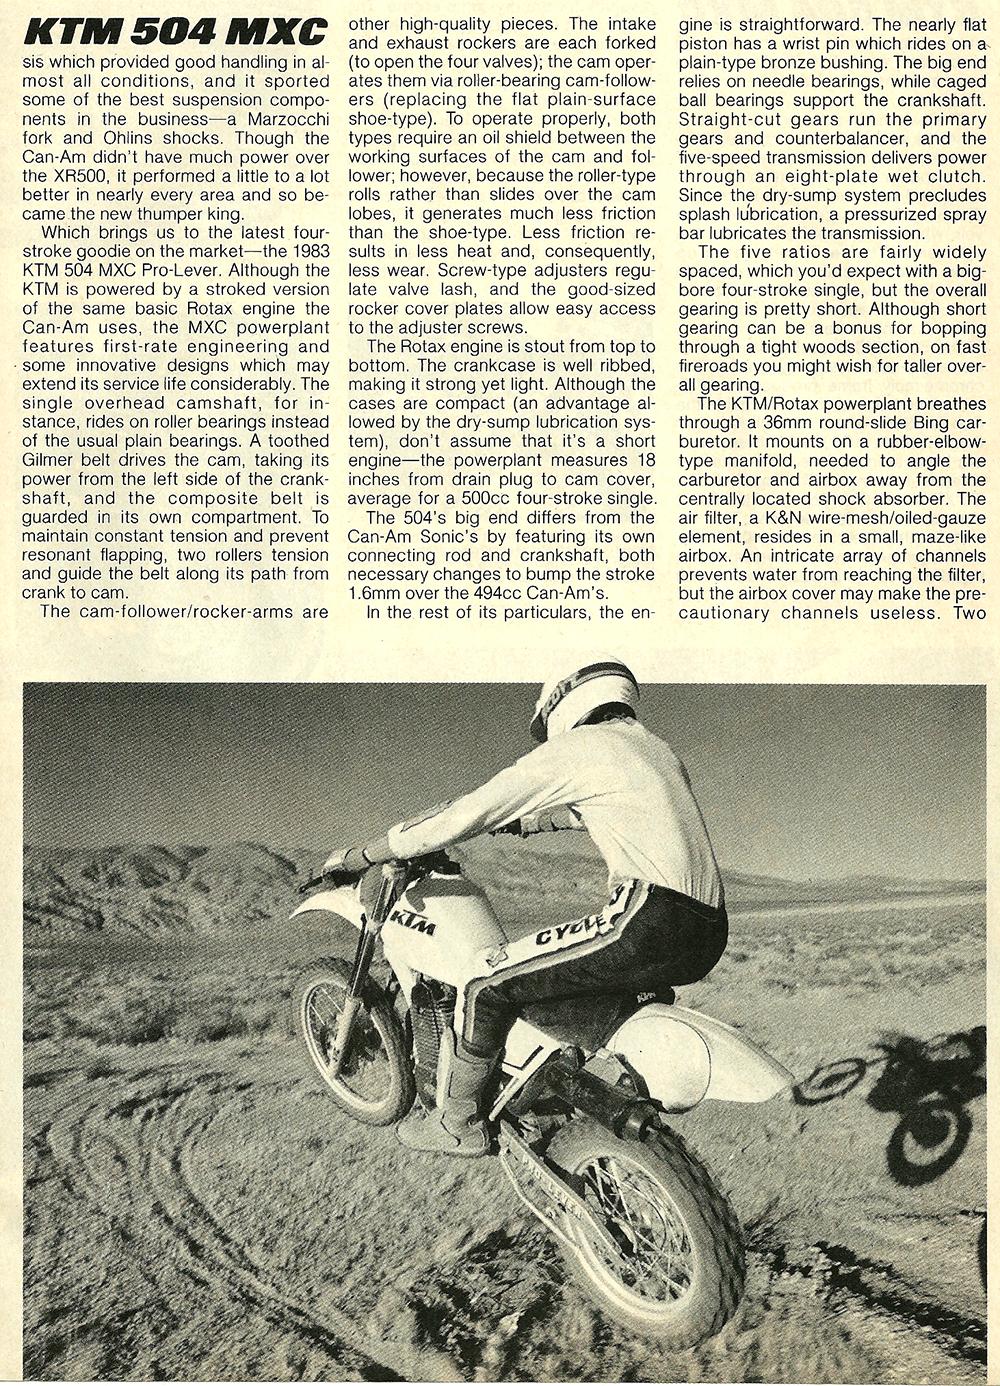 1983 KTM 504 MXC road test 4.jpg